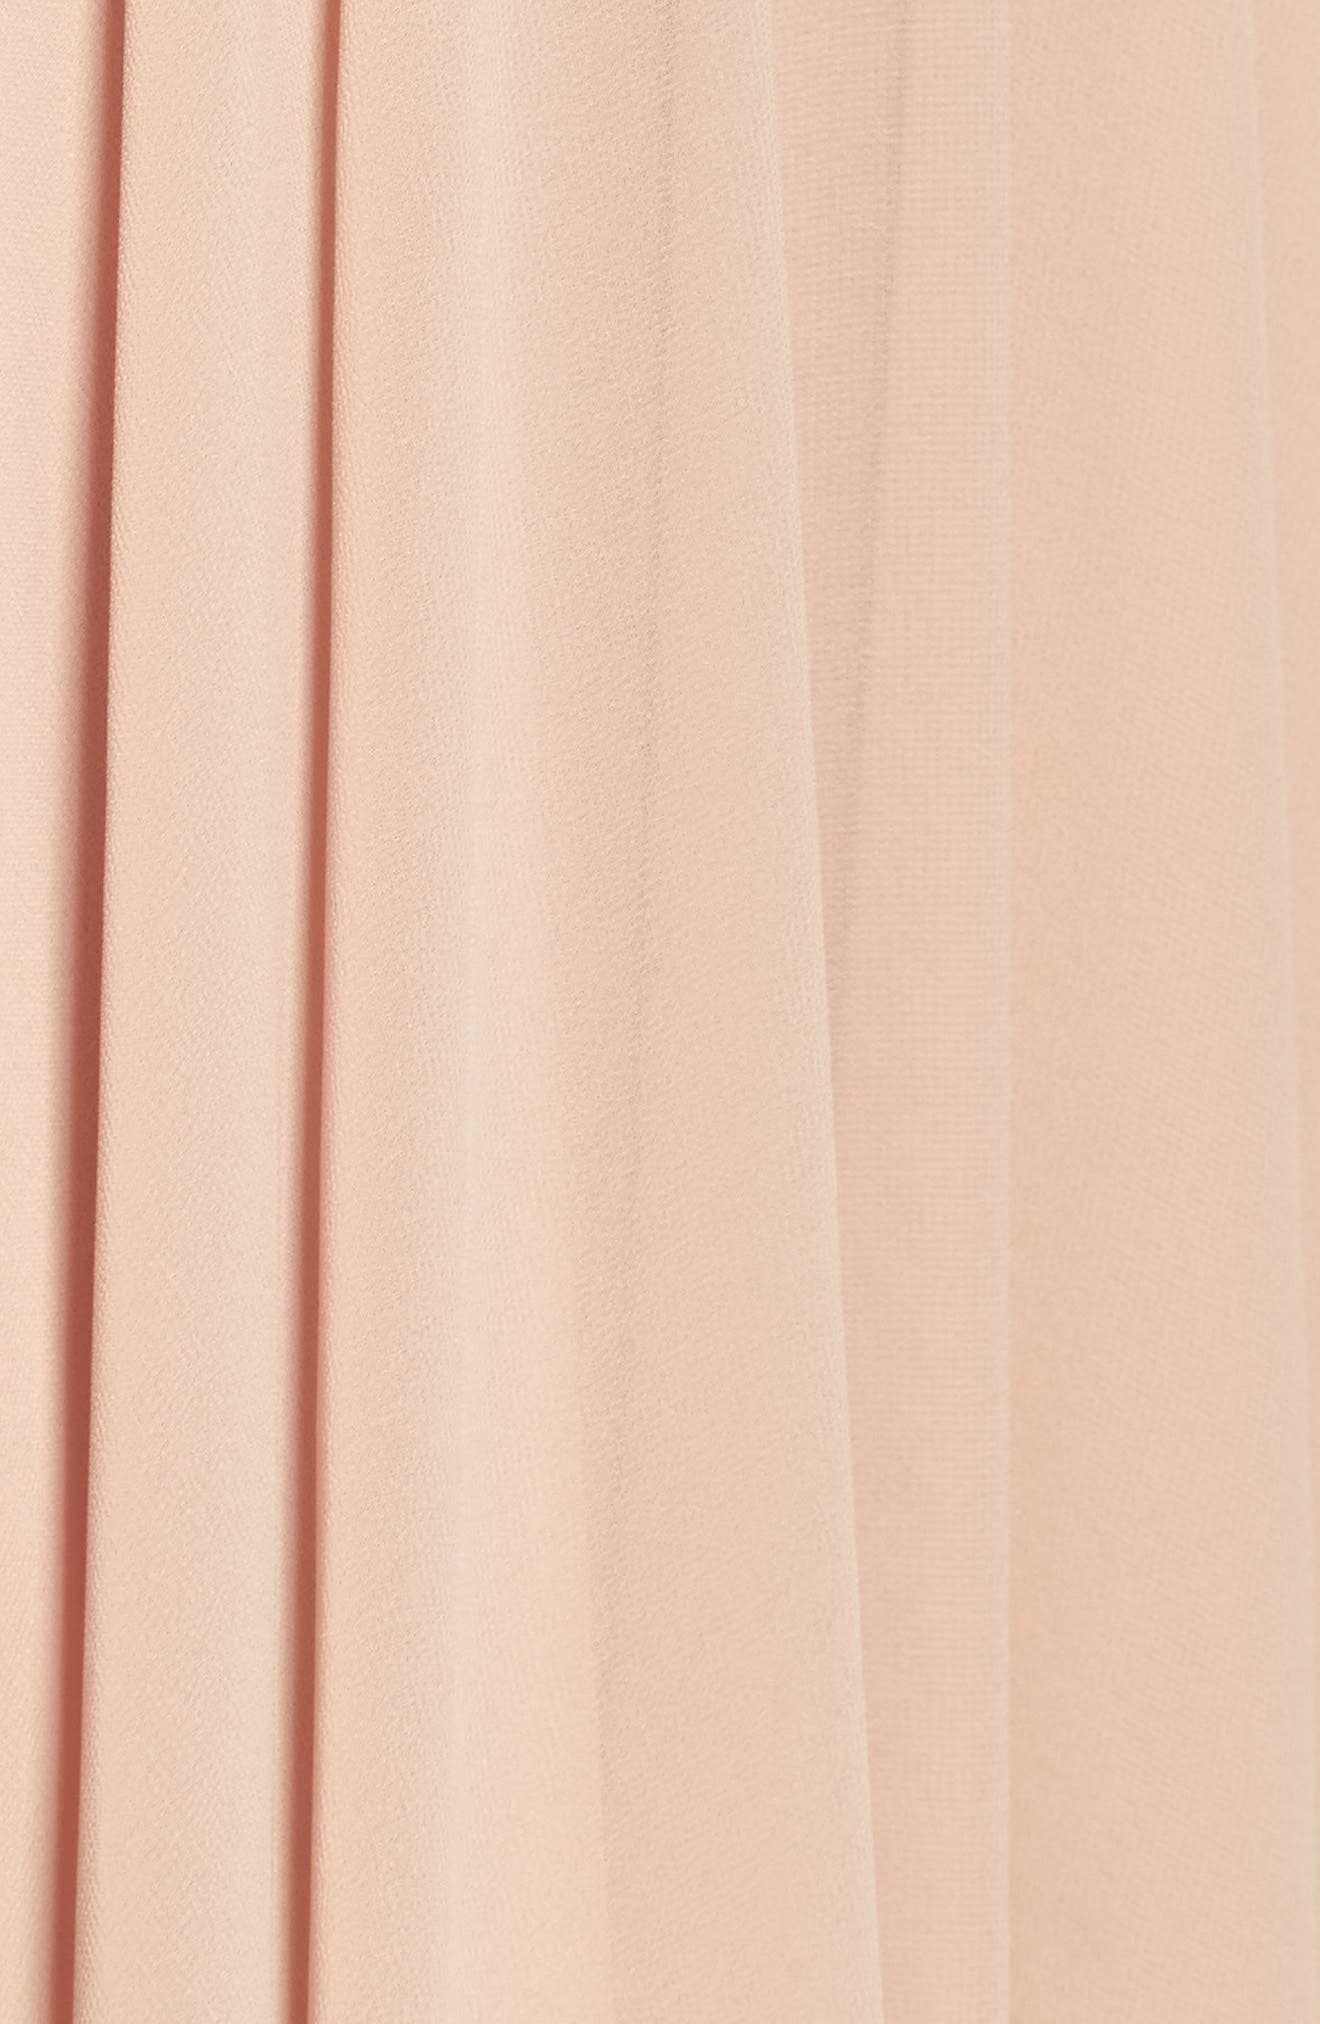 Adeline Strapless Chiffon Gown,                             Alternate thumbnail 5, color,                             DESERT ROSE